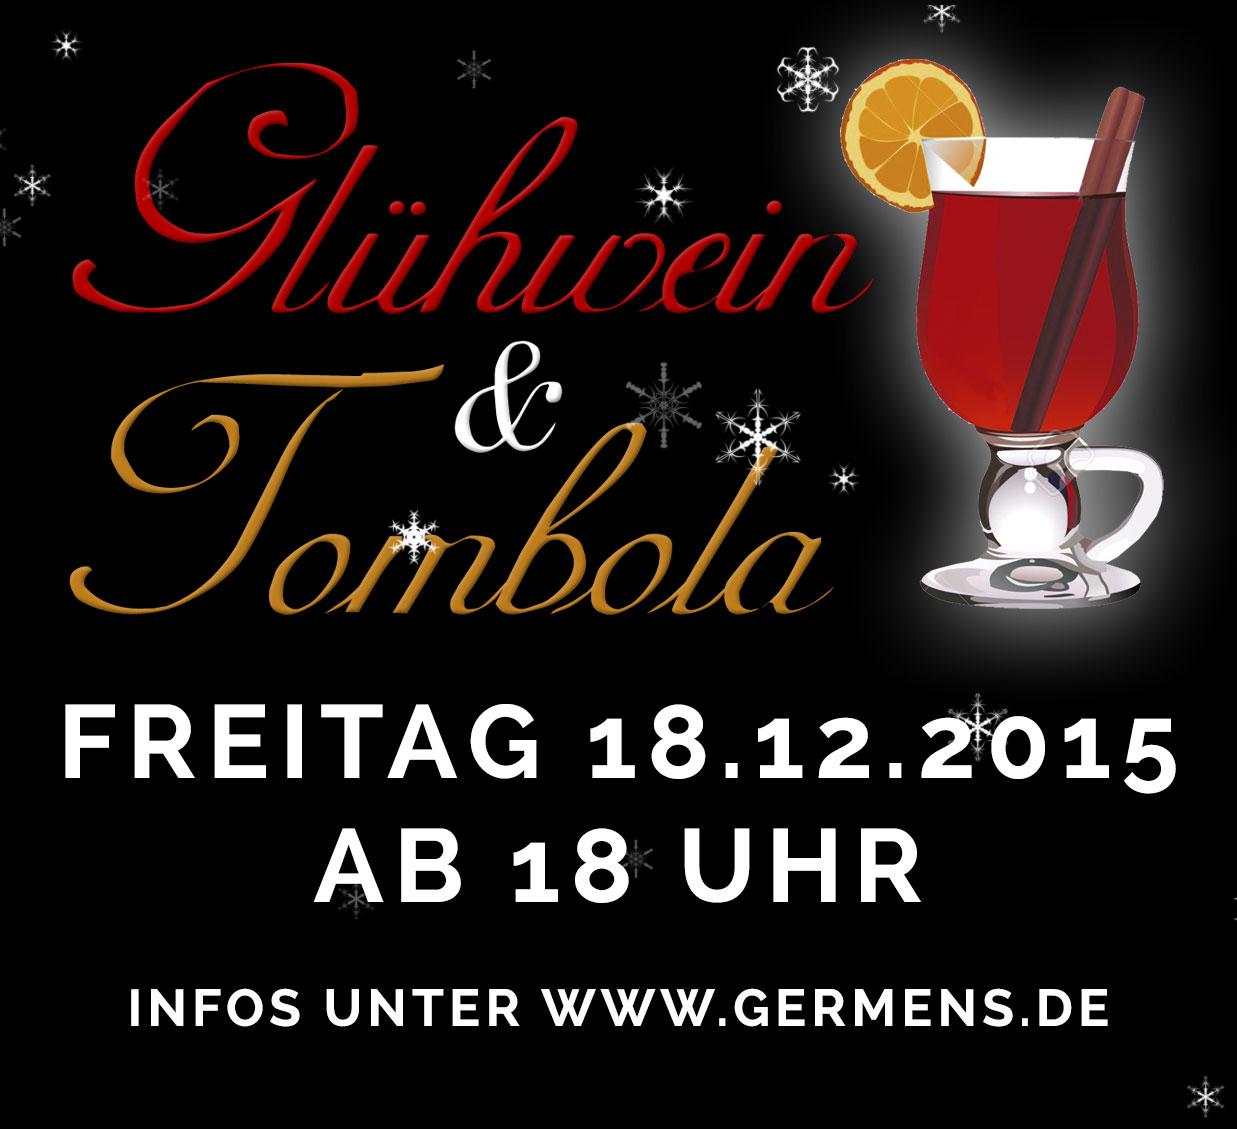 Glühwein & Tombola am 18.12.2015 im GERMENS Store & Lounge Chemnitz-Rabenstein